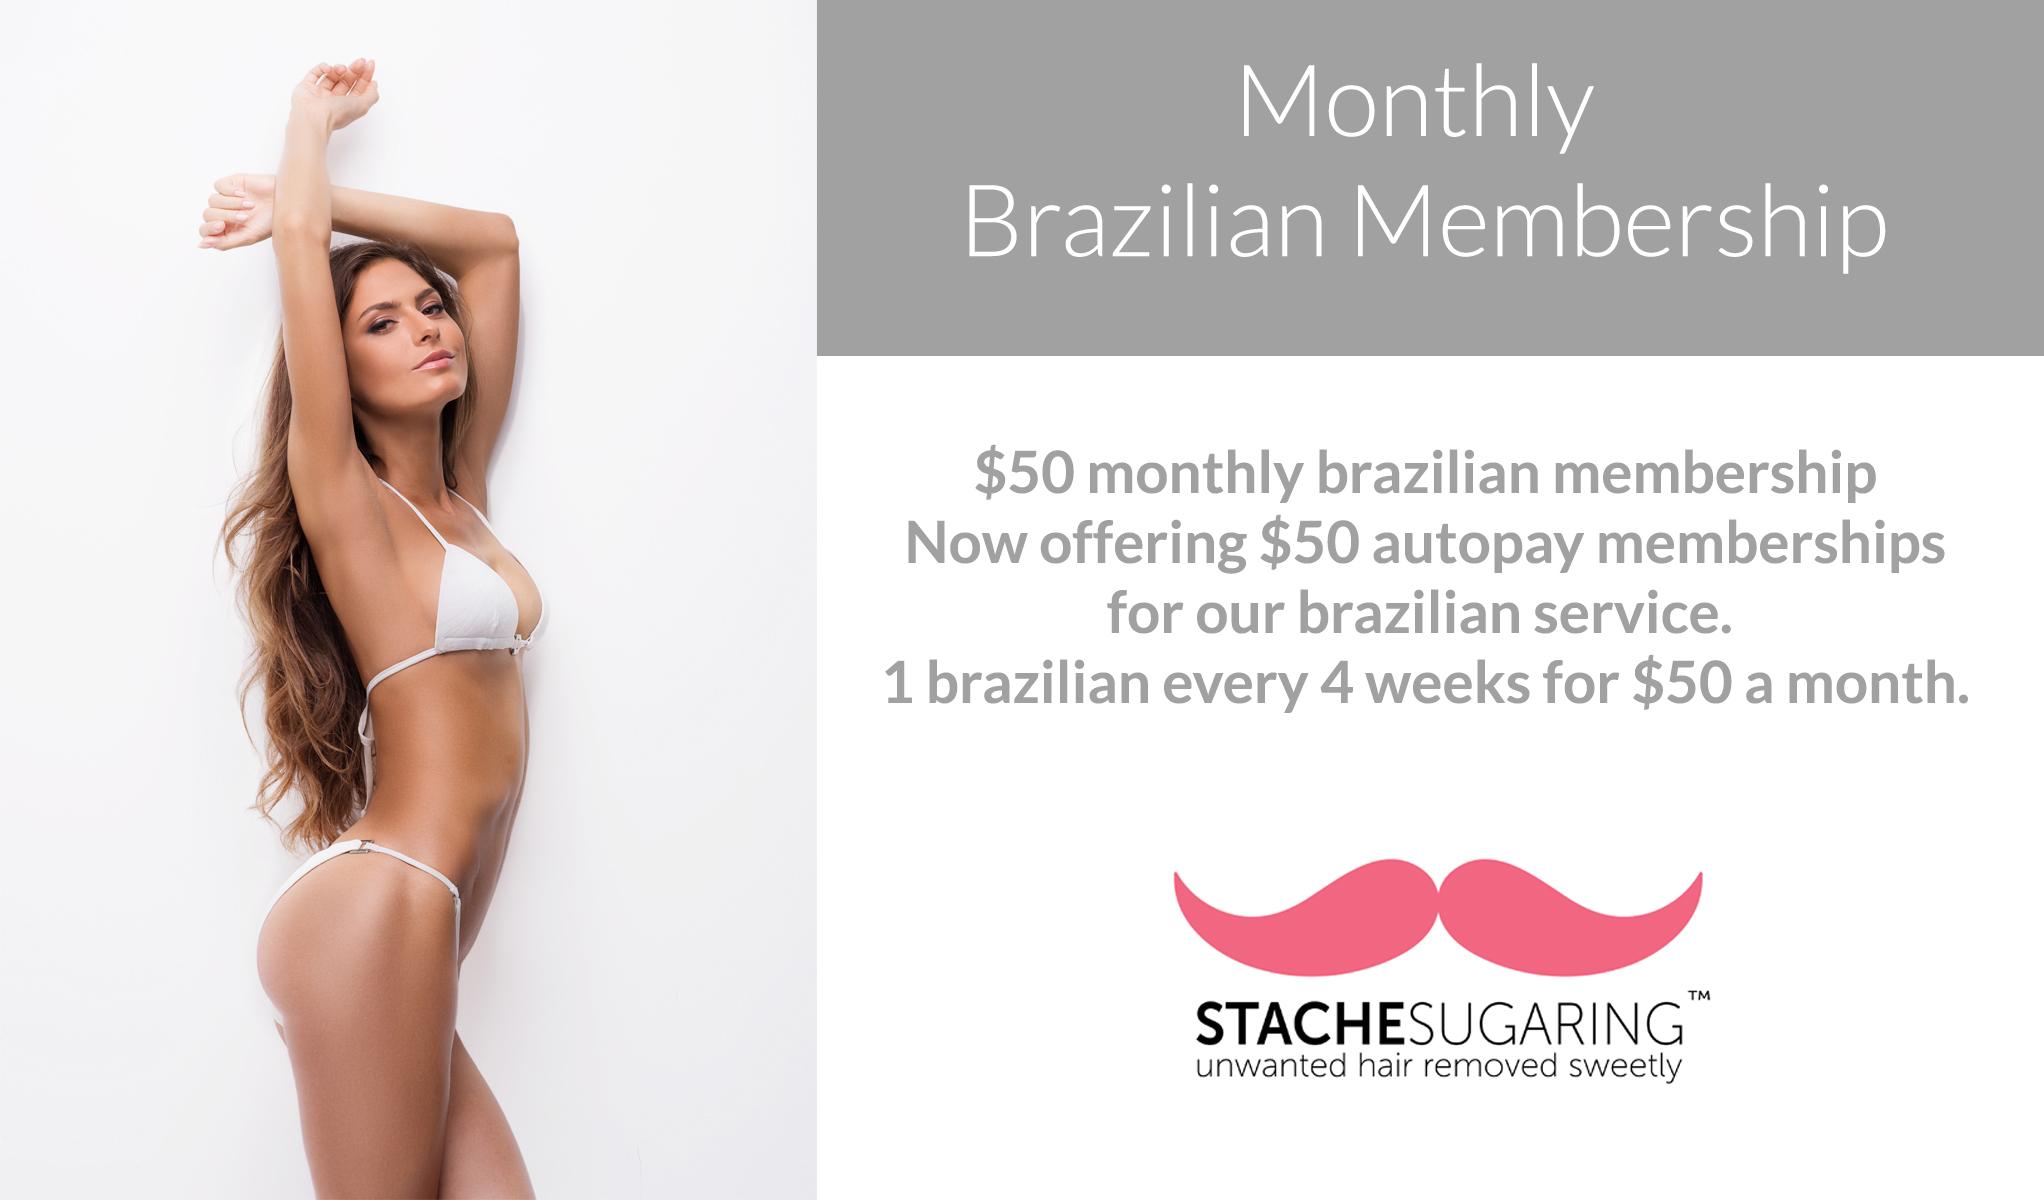 BrazillianSpecial_010619b.jpg